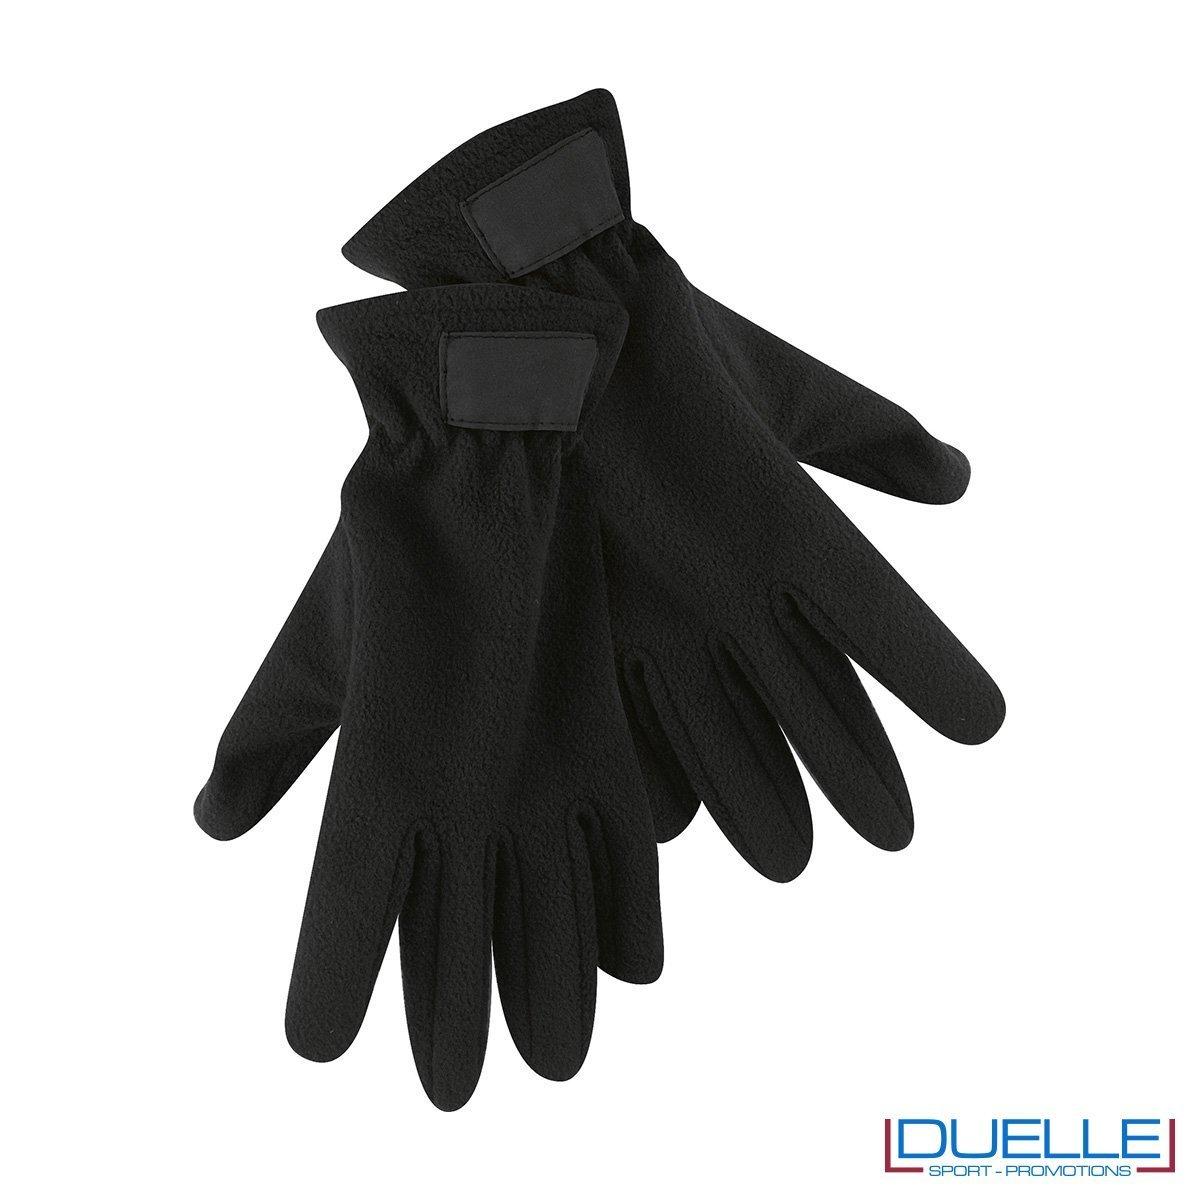 guanti in pile personalizzati in colore nero, guanti invernali personalizzati